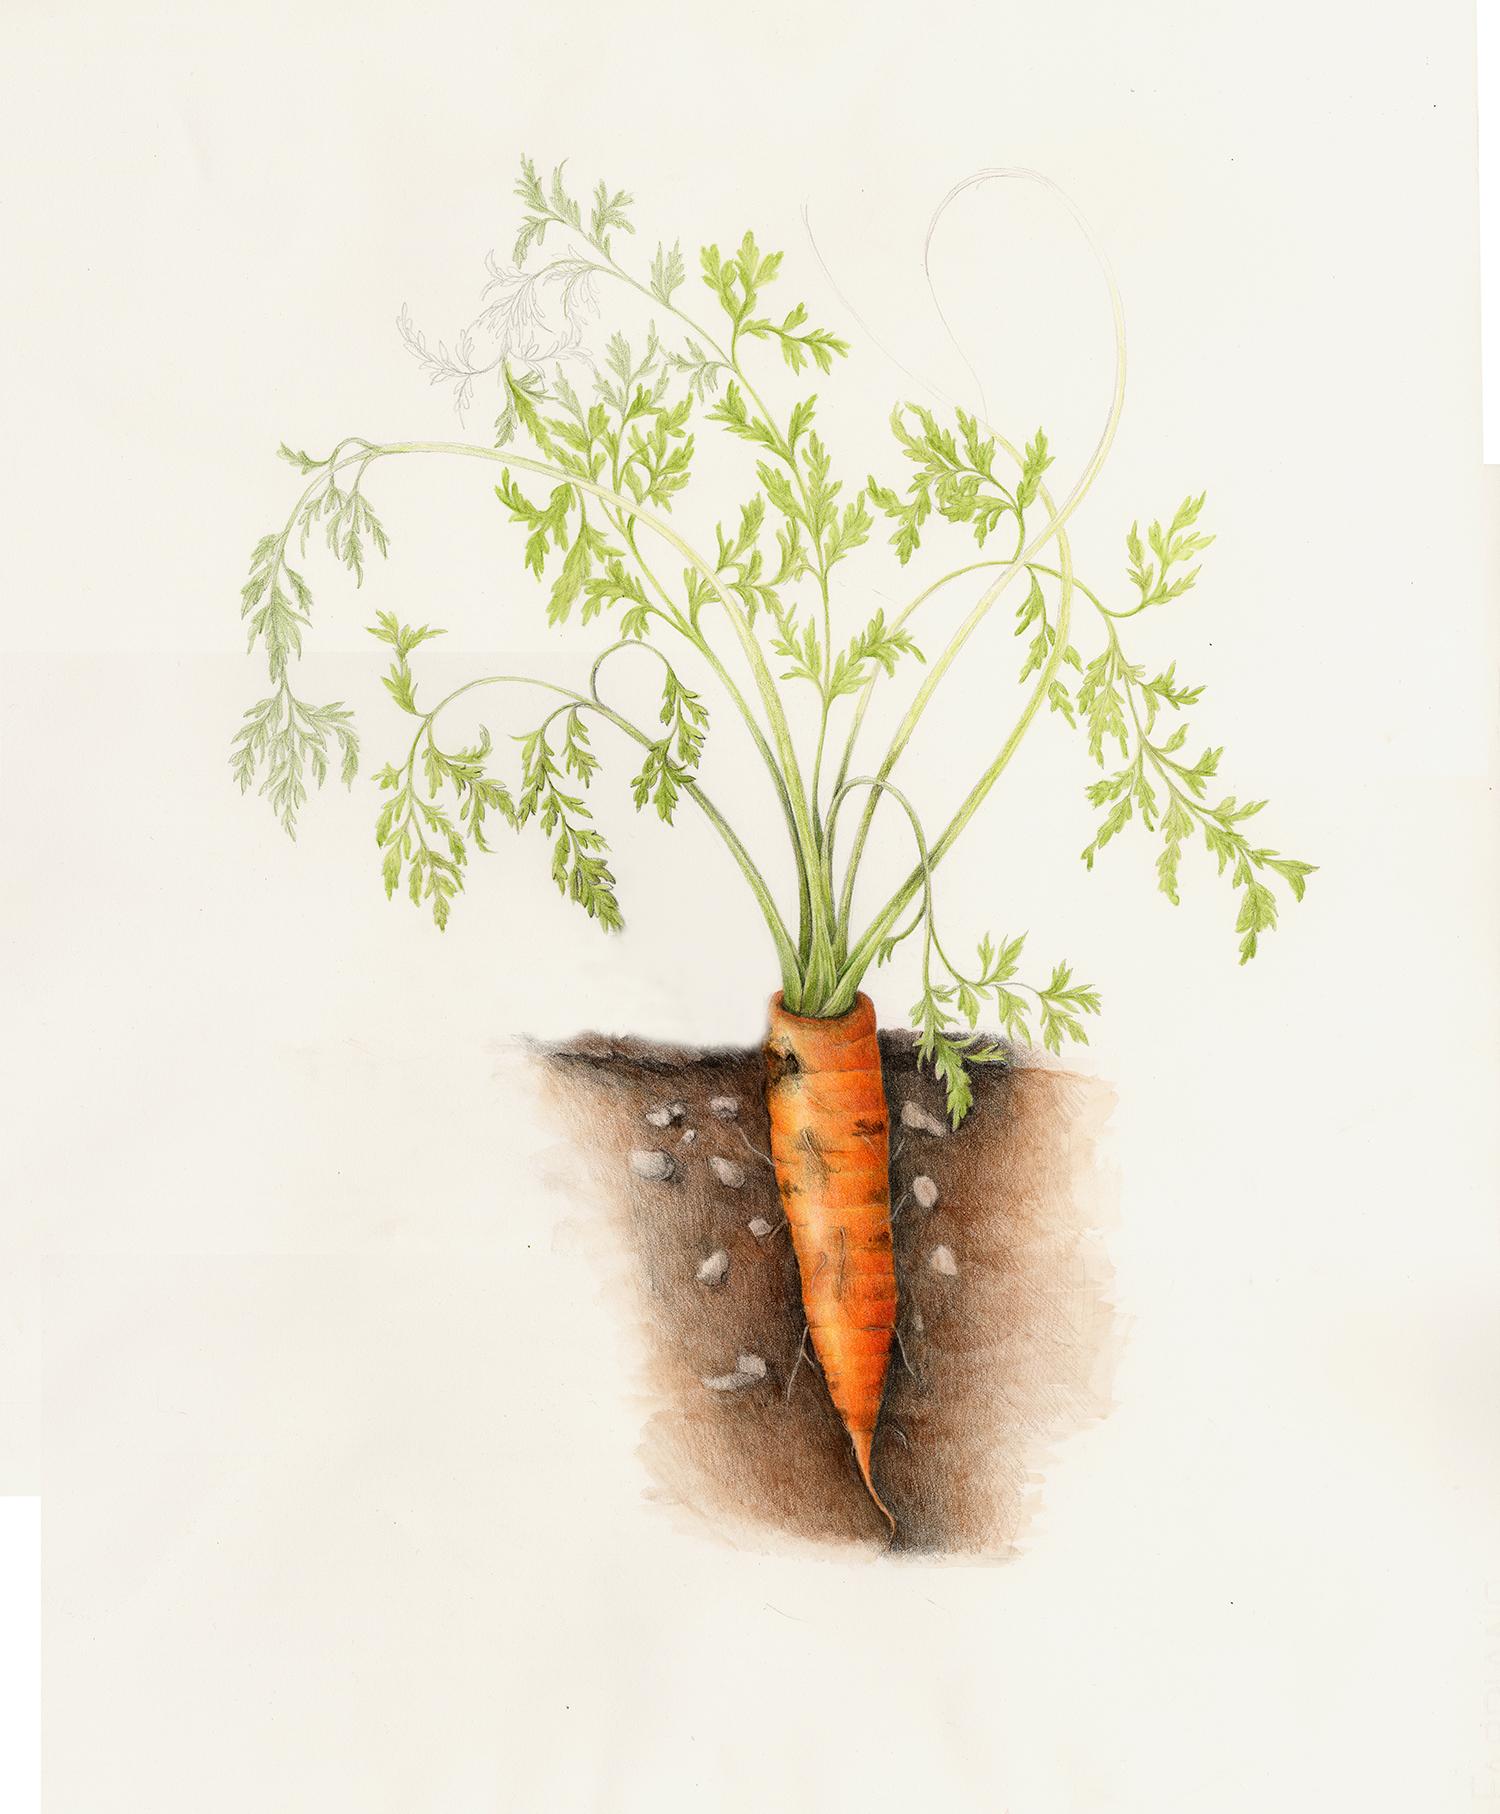 Carrot - Daucus carota